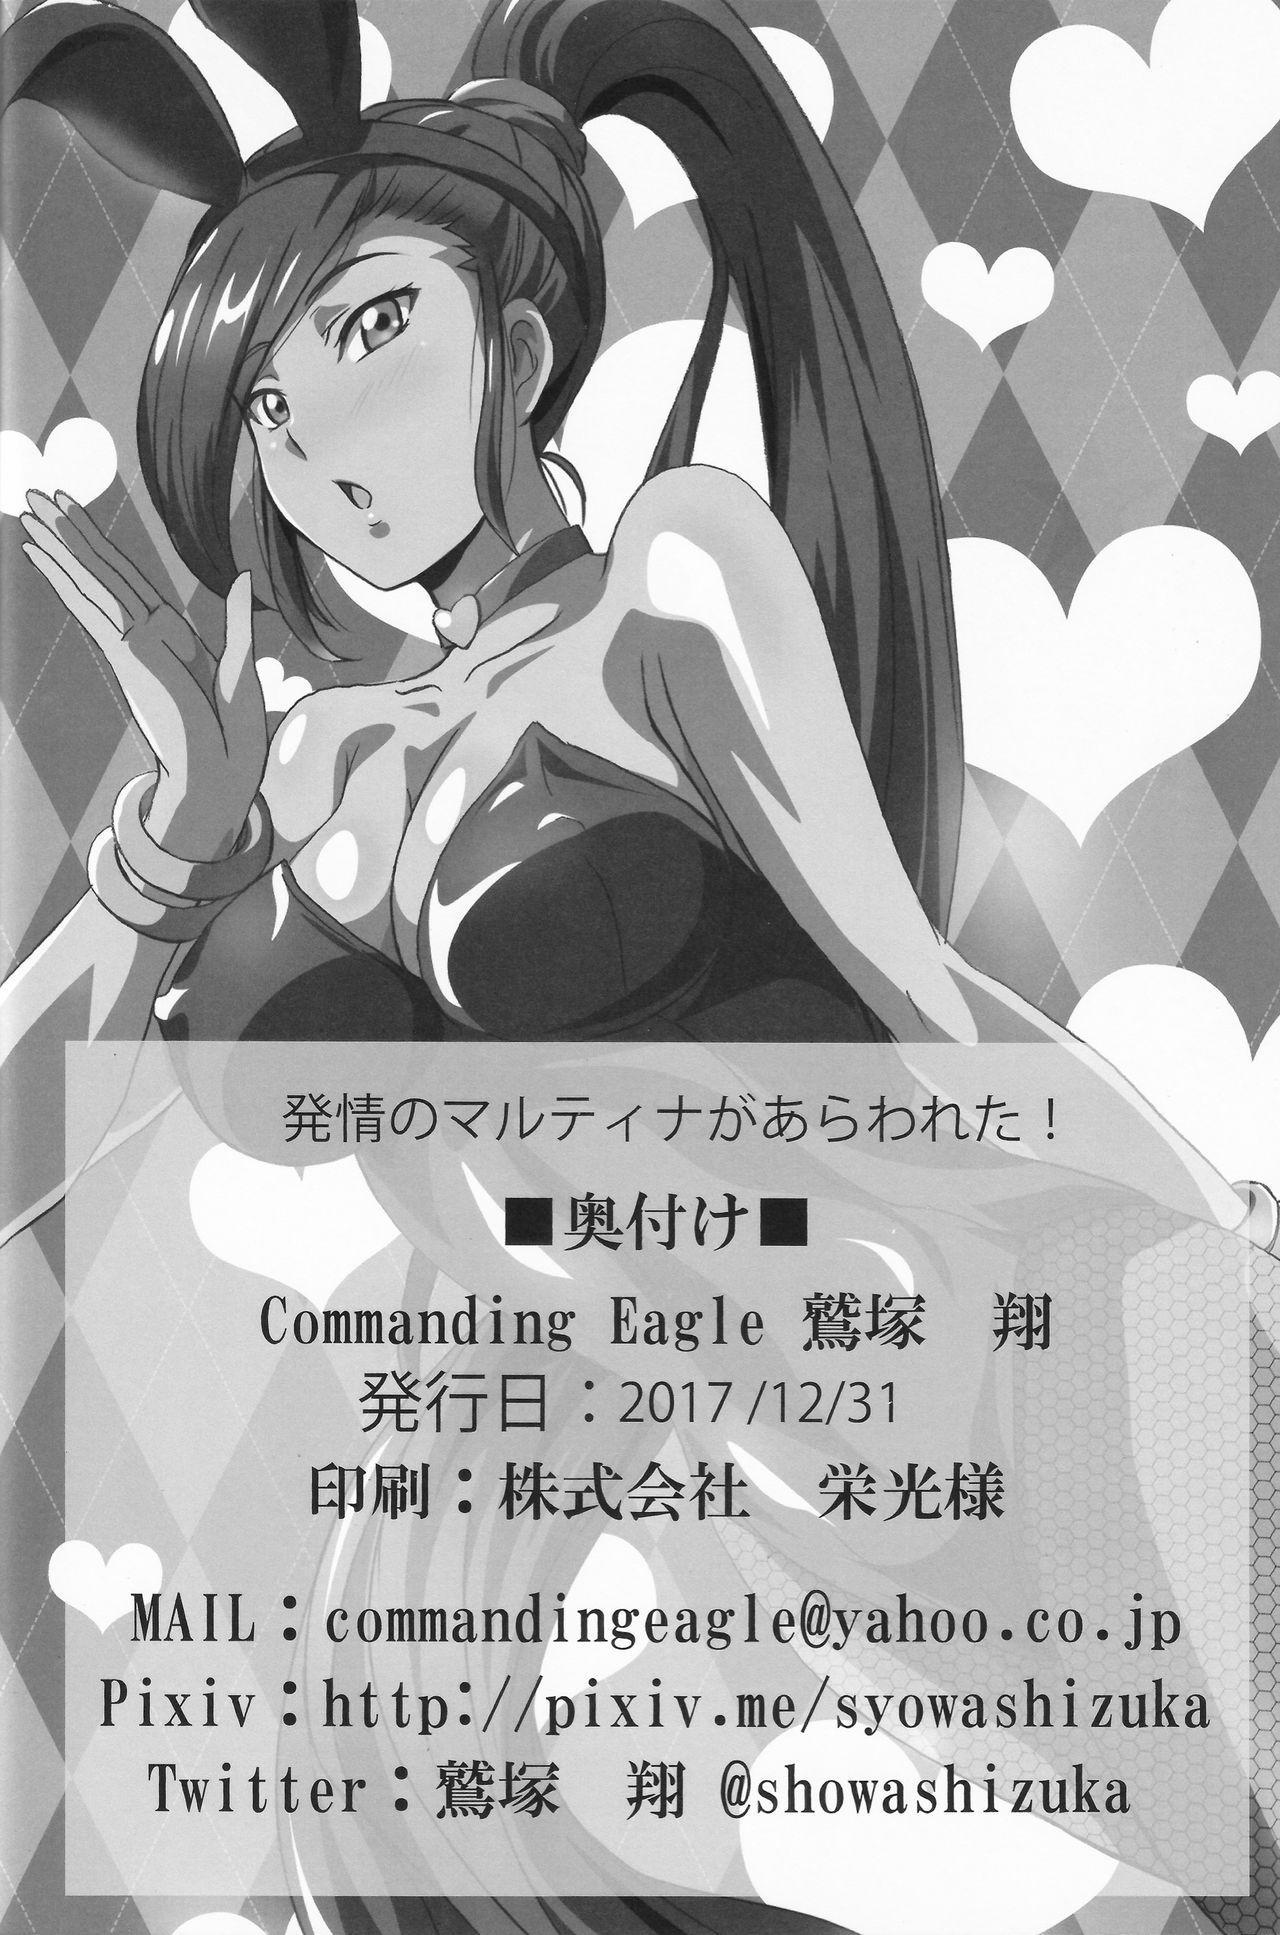 Hatsujou no Martina ga Arawareta! 19